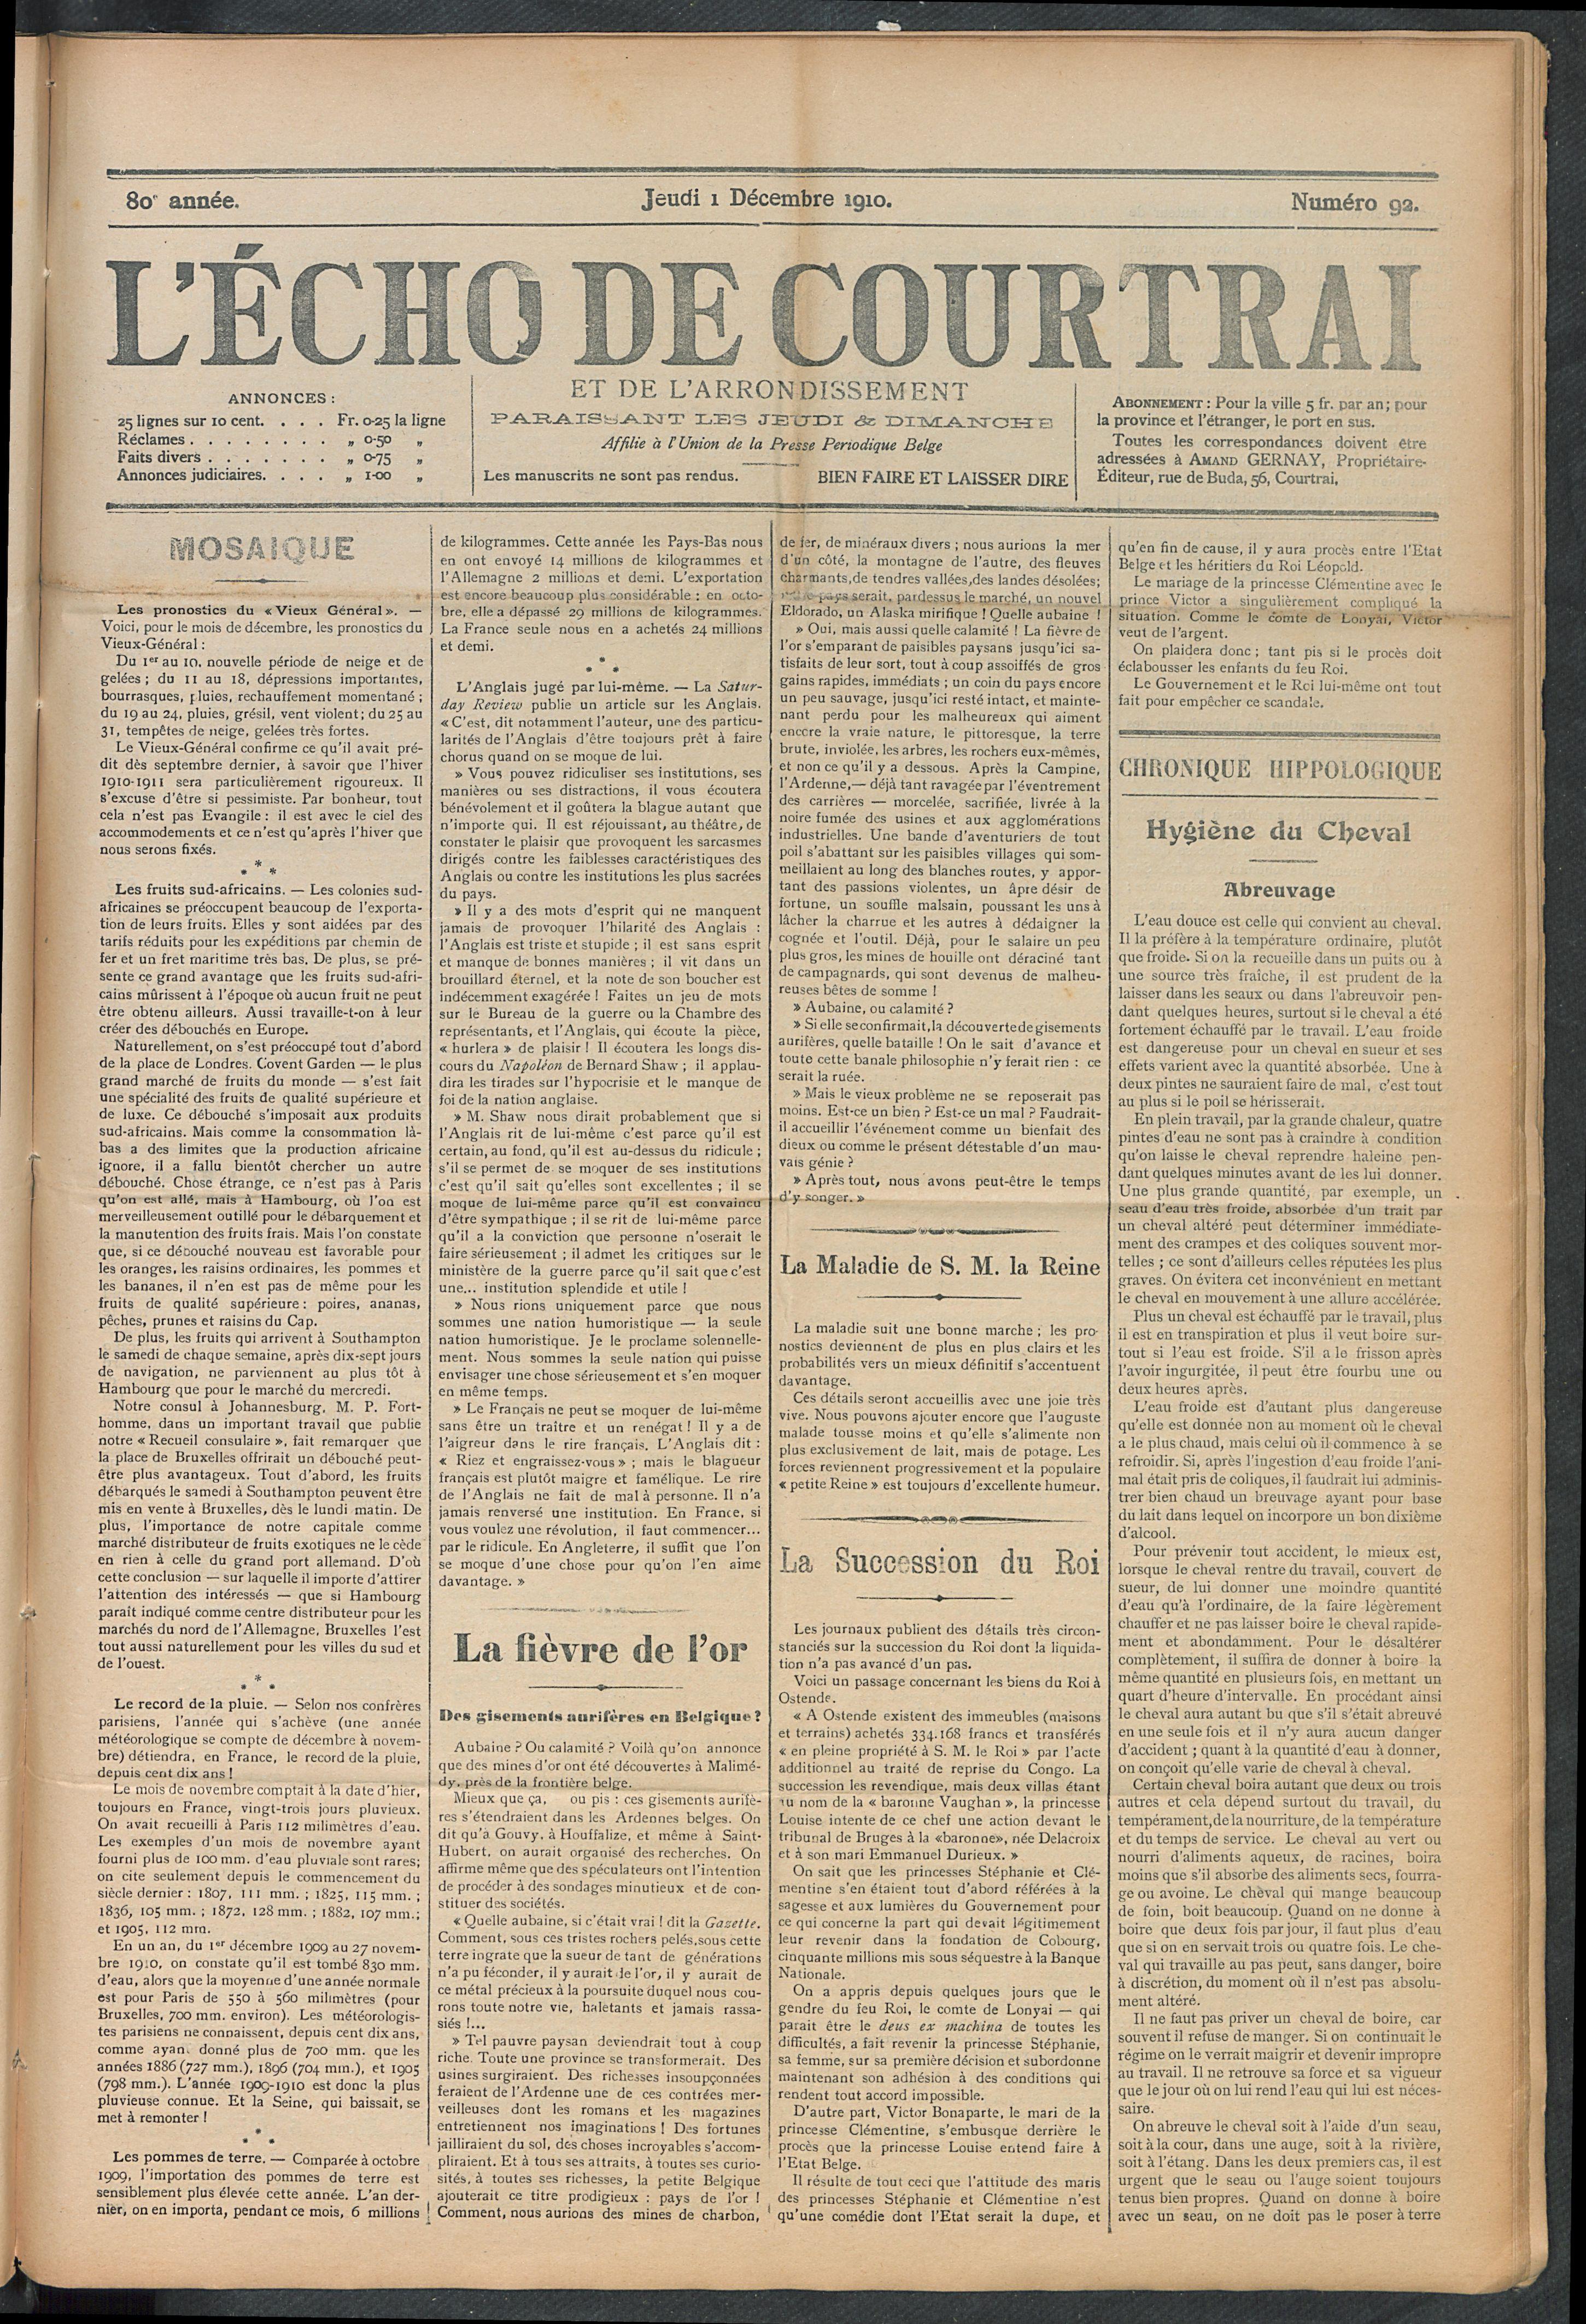 L'echo De Courtrai 1910-12-01 p1